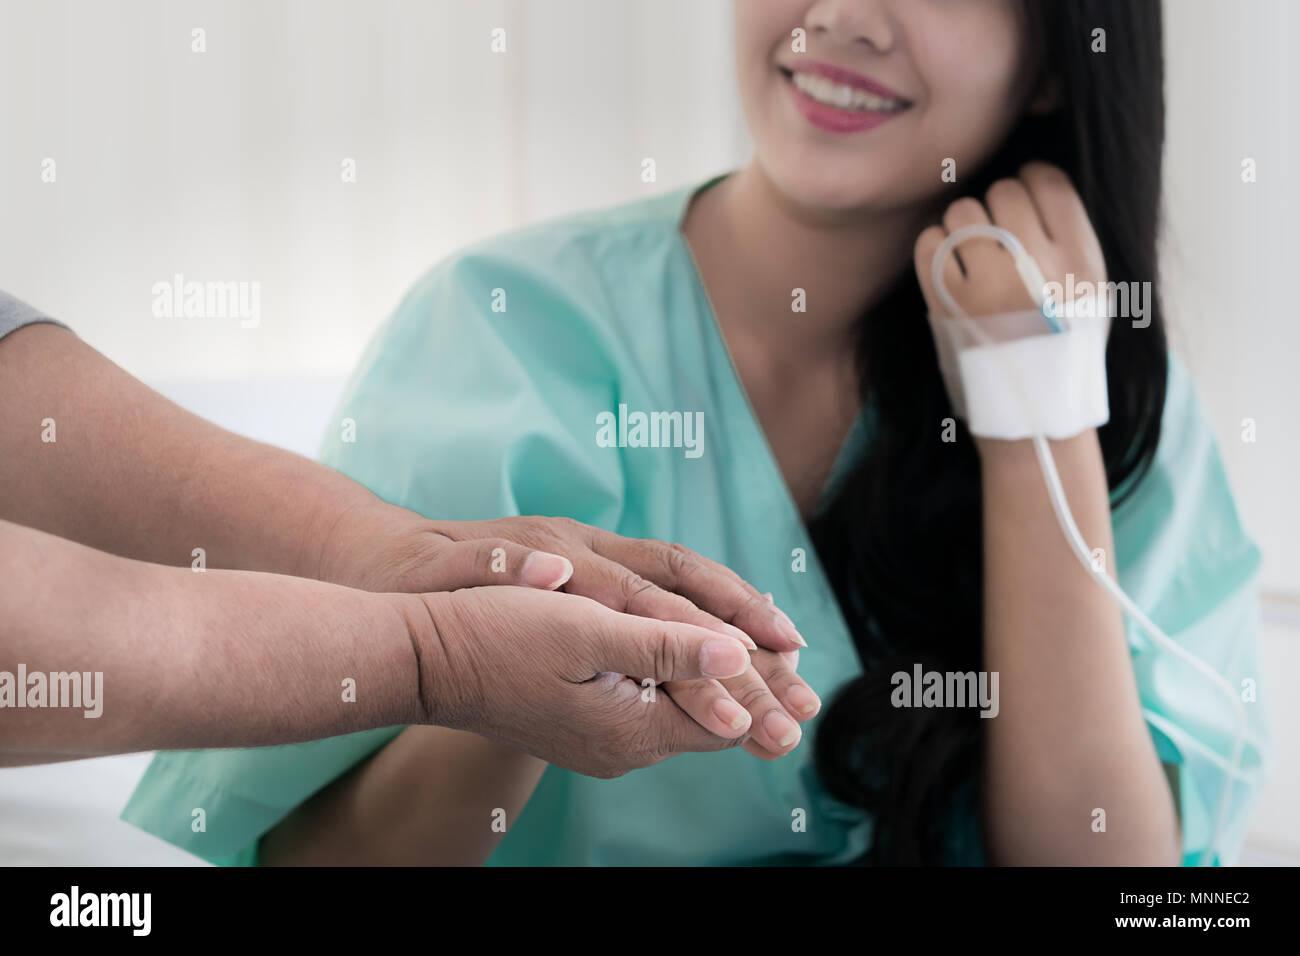 Mère mains tenant sa fille main patient assis au bureau d'encouragement, de l'empathie, l'acclamer et de soutien alors que l'examen médical. Bon sw Photo Stock